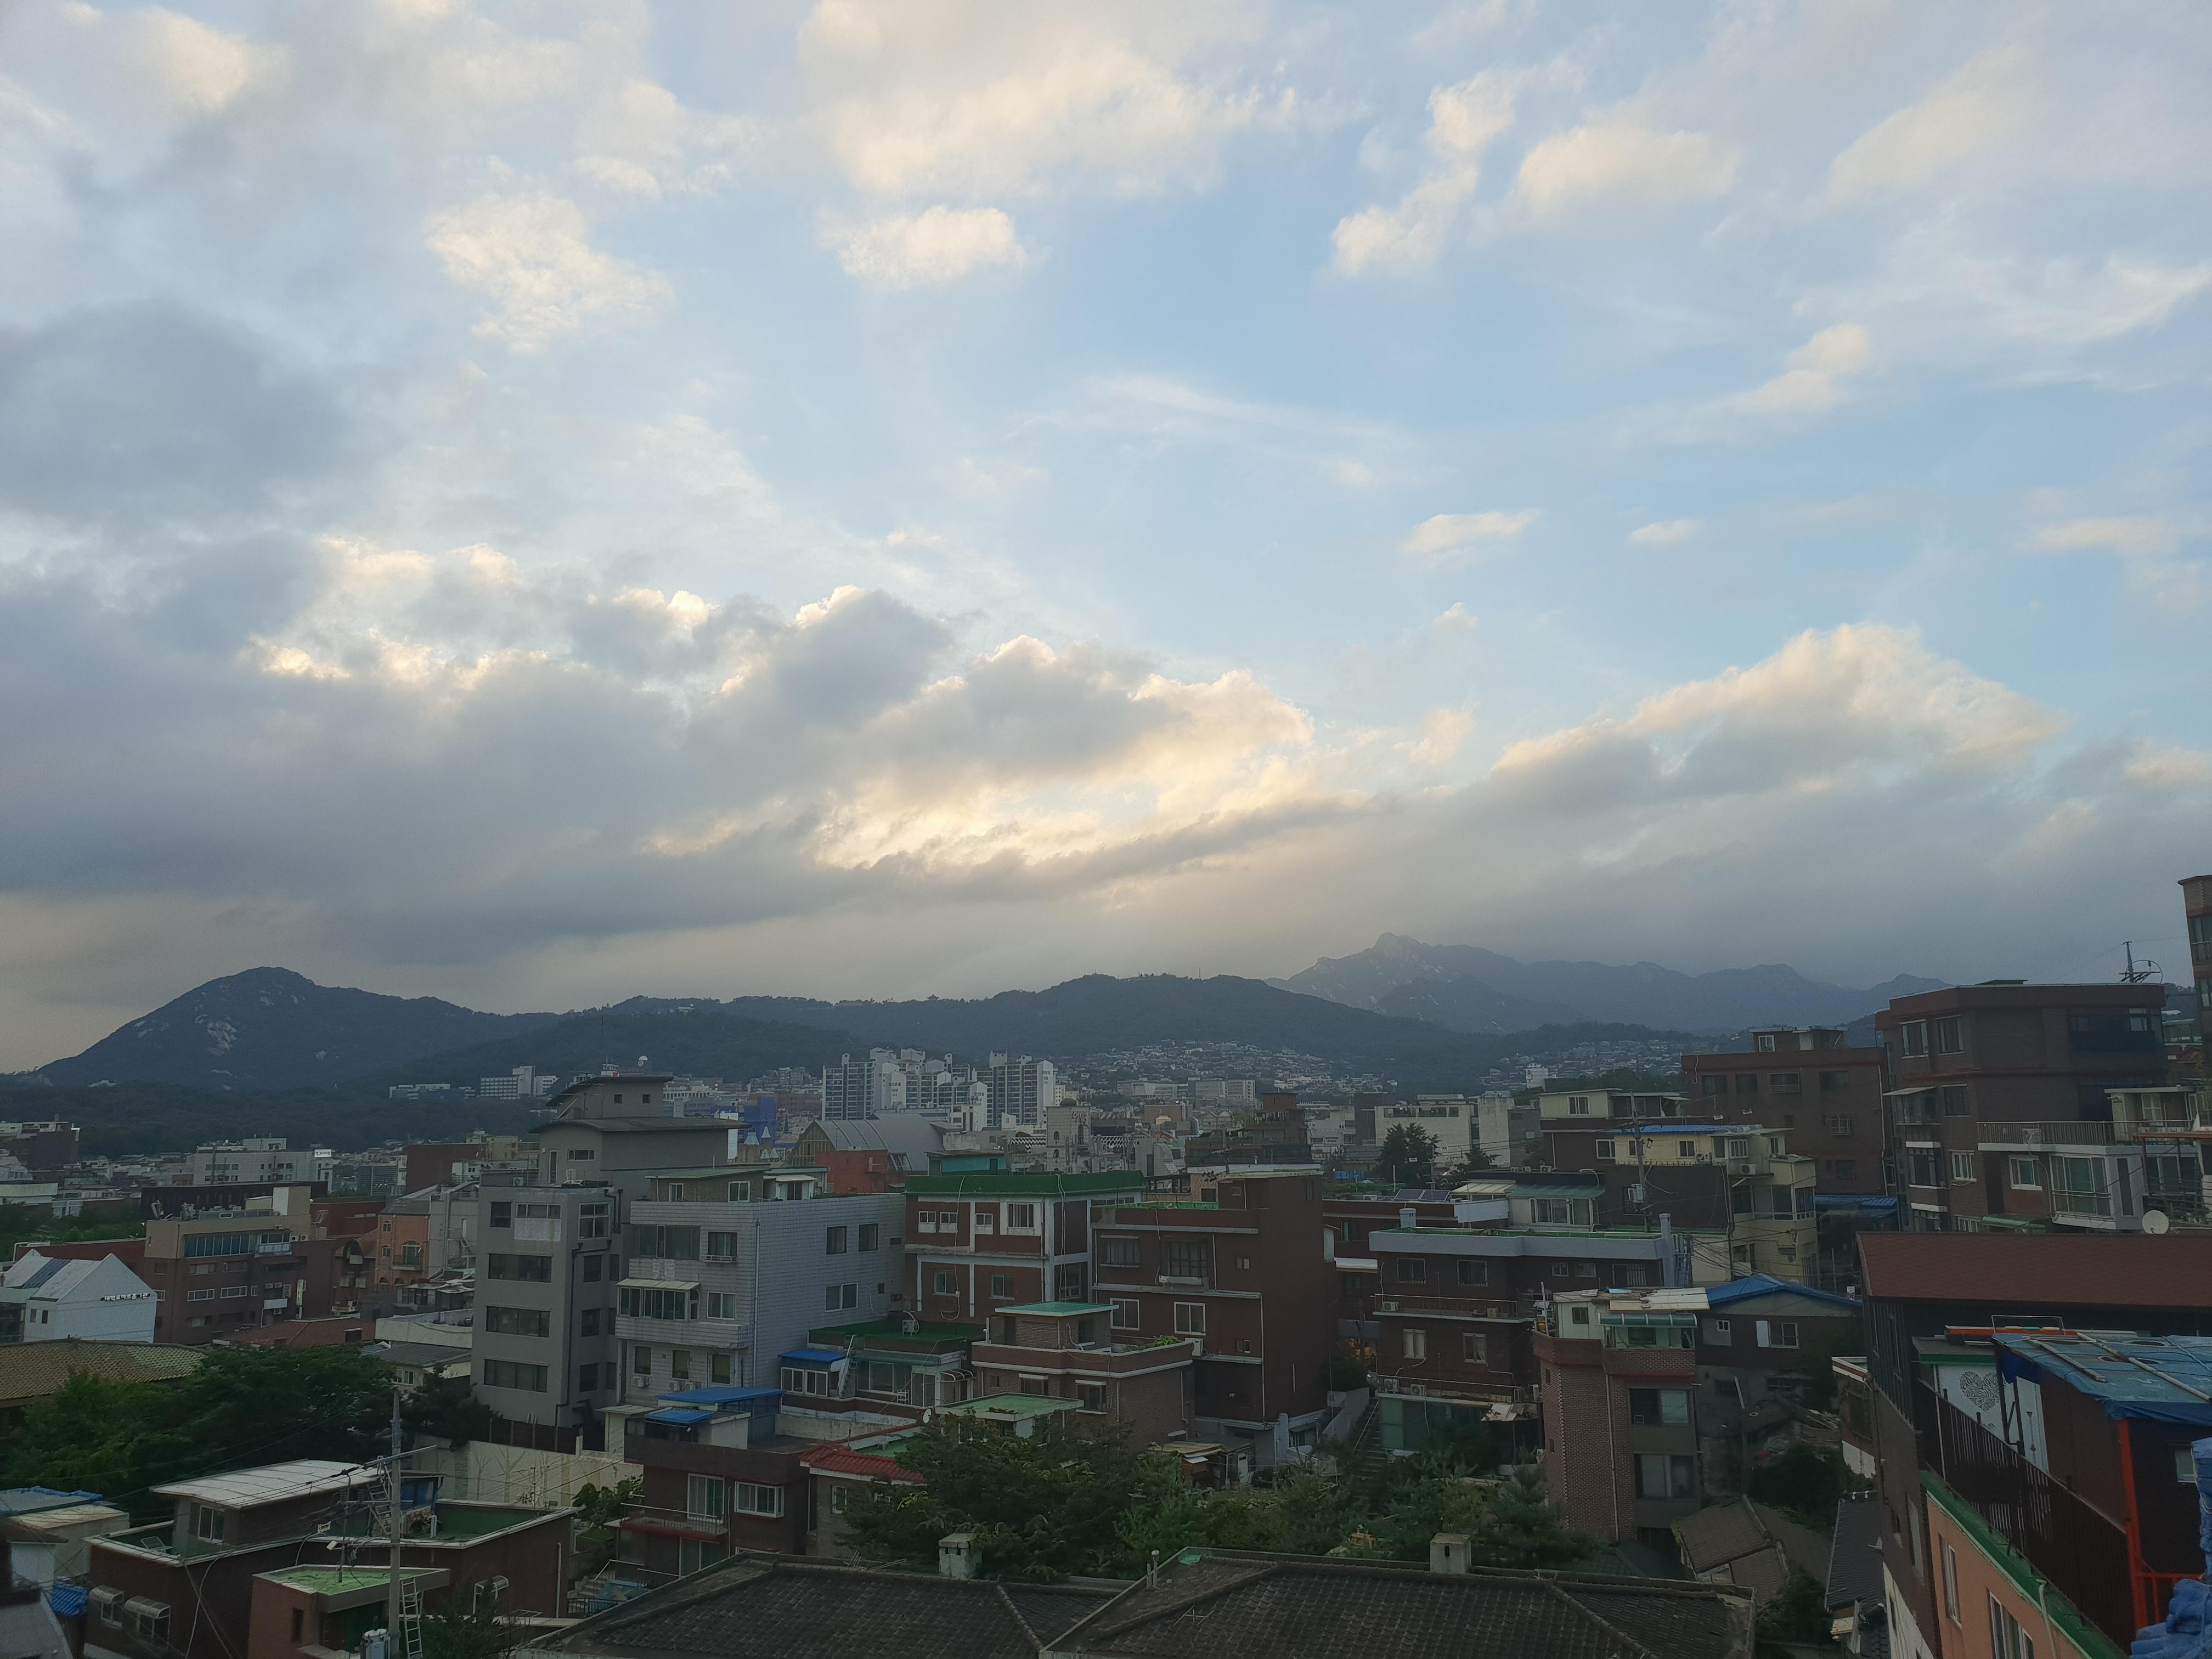 [일상]구름이 그린 그림이란 건 이런 거지~, 건물 배경, 구그그, 구름 주제, 구름이 그린 그림, 낙산, 대학로, 매일 다른 풍경, 산 주제, 여름 가을, 일상, 풍경, 하늘 사진, 하늘 주제, 하늘 풍경, 혜화